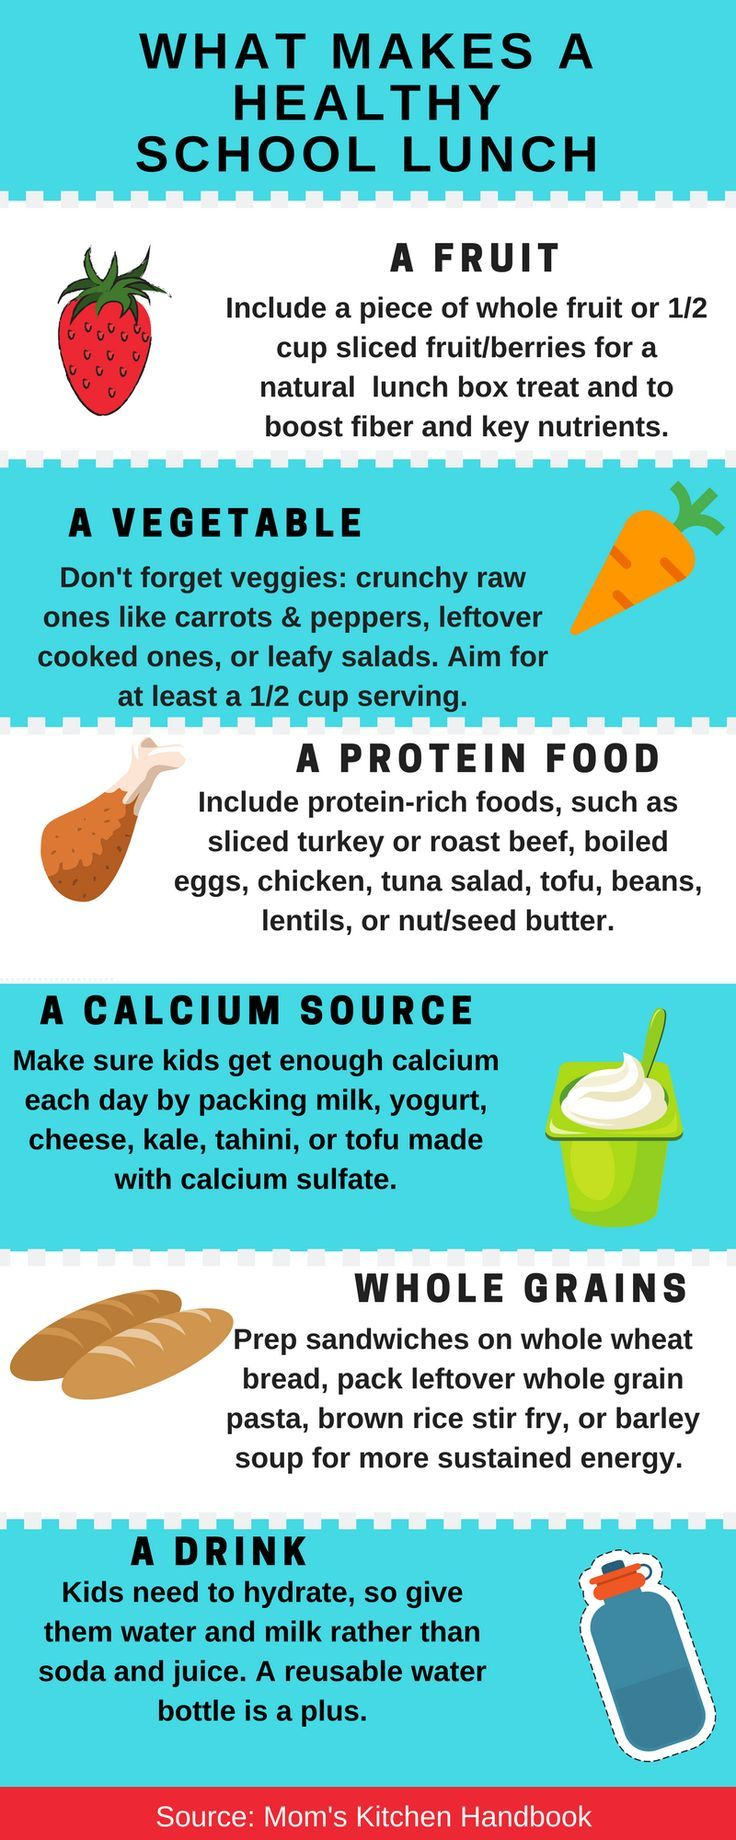 Gluten-free school lunches